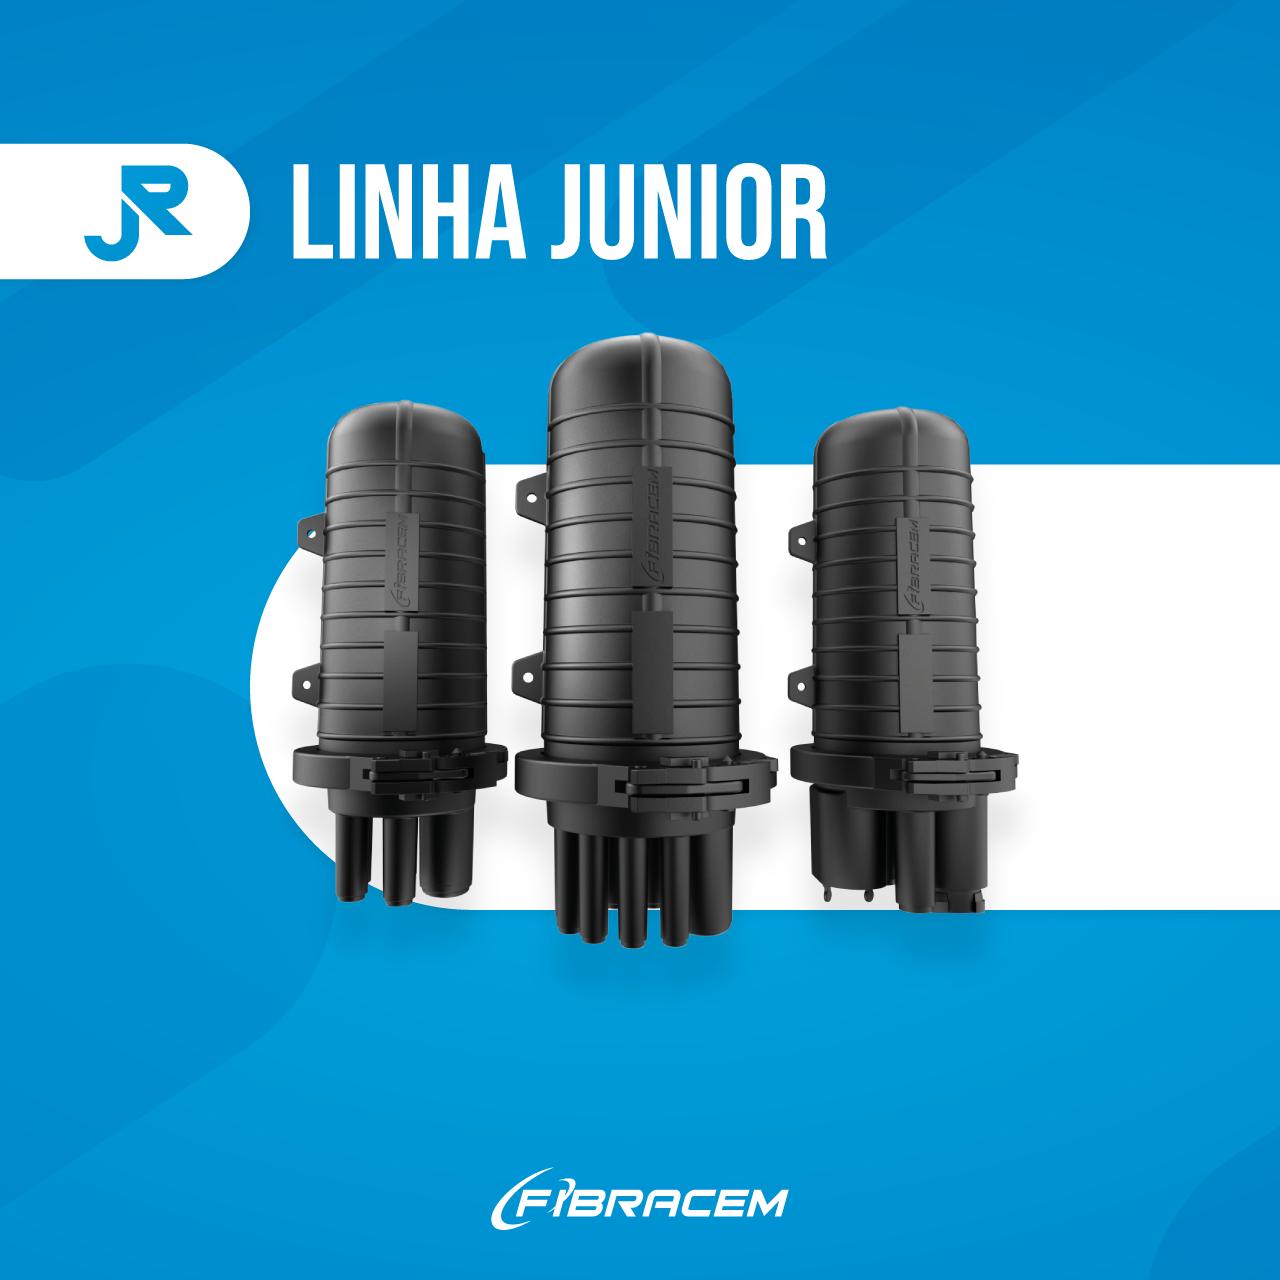 Read more about the article Fibracem lança linha Junior de Caixa de Emenda Óptica e Caixa Terminal Óptica. Confira!